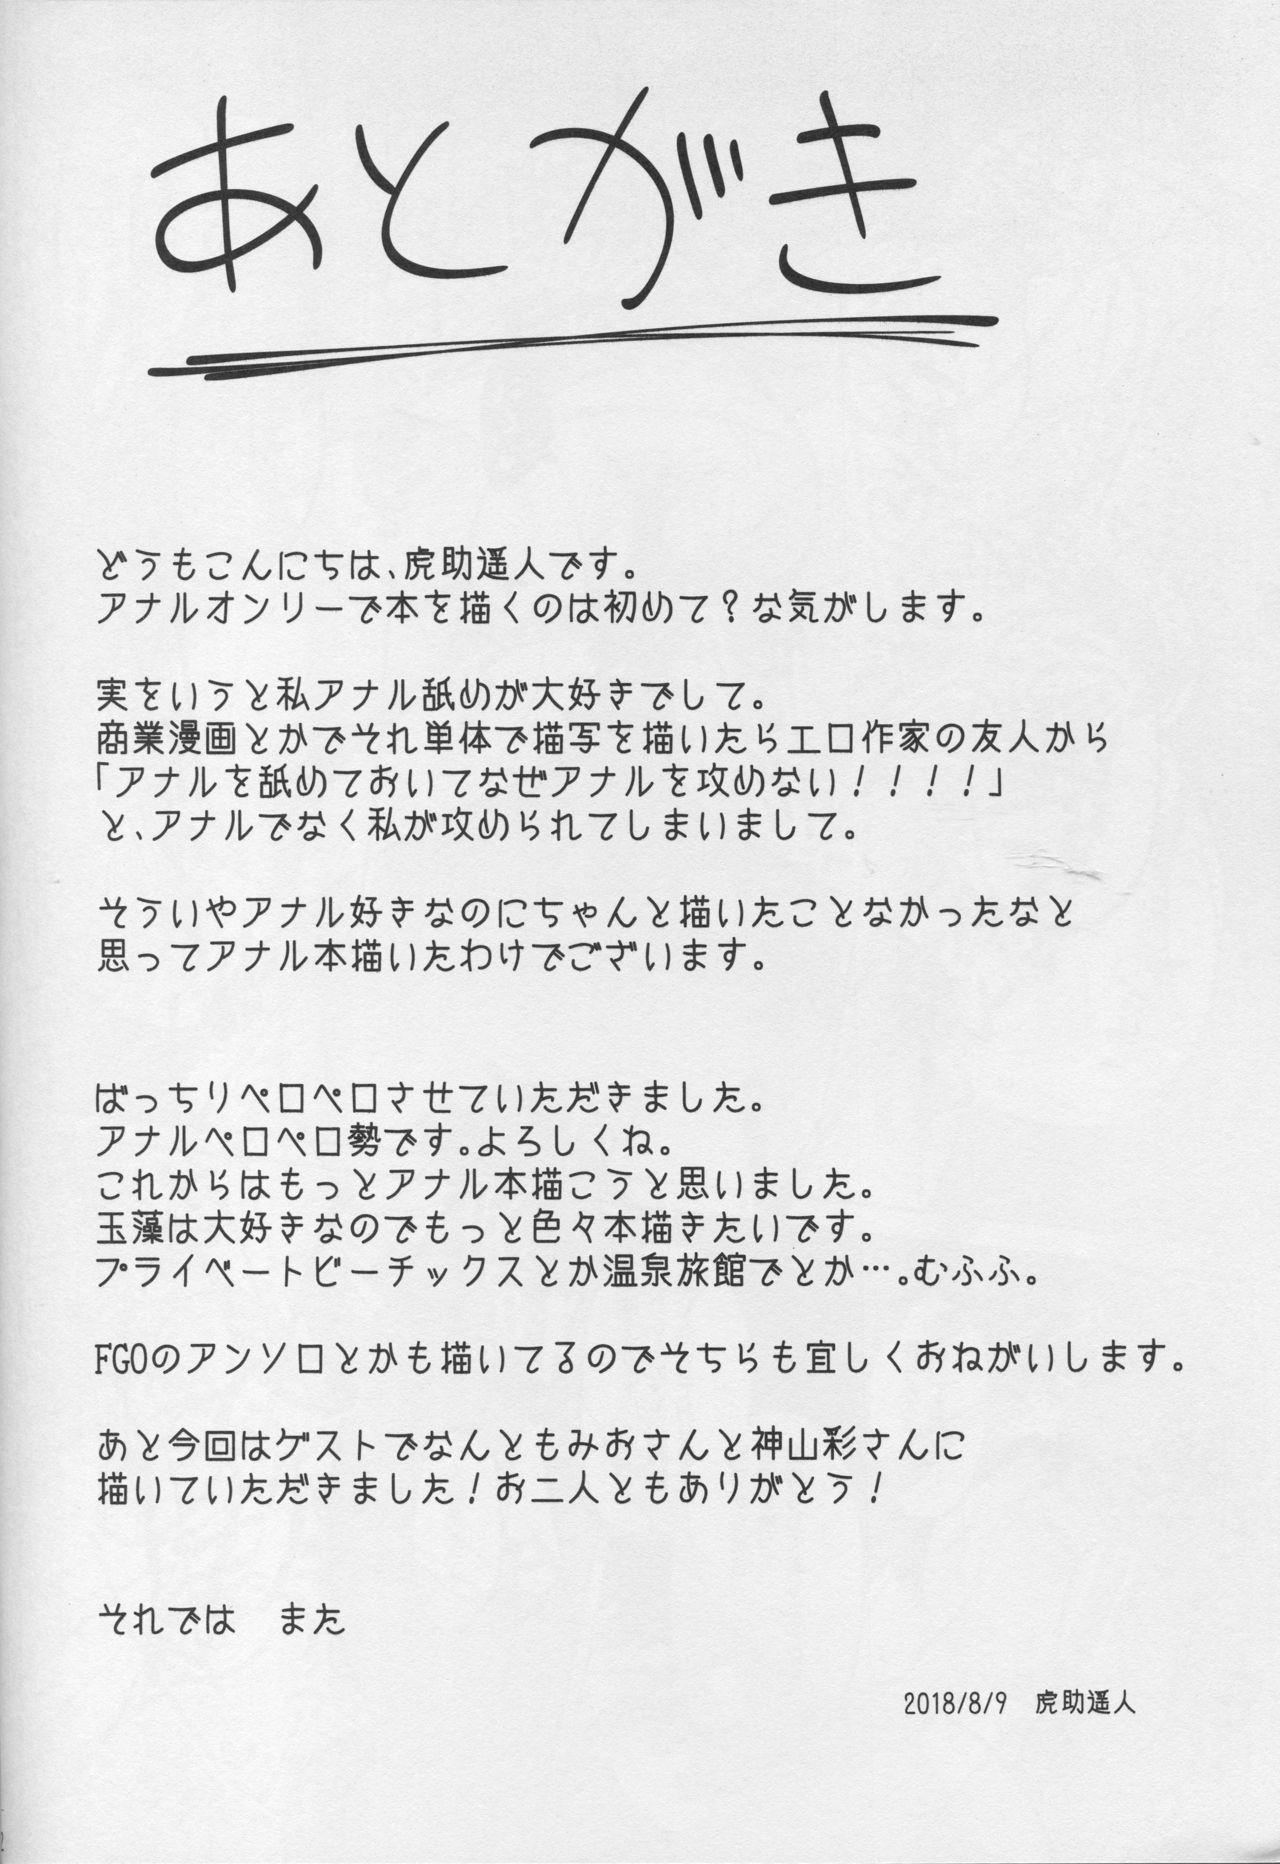 Tamamo no Ushiro 20